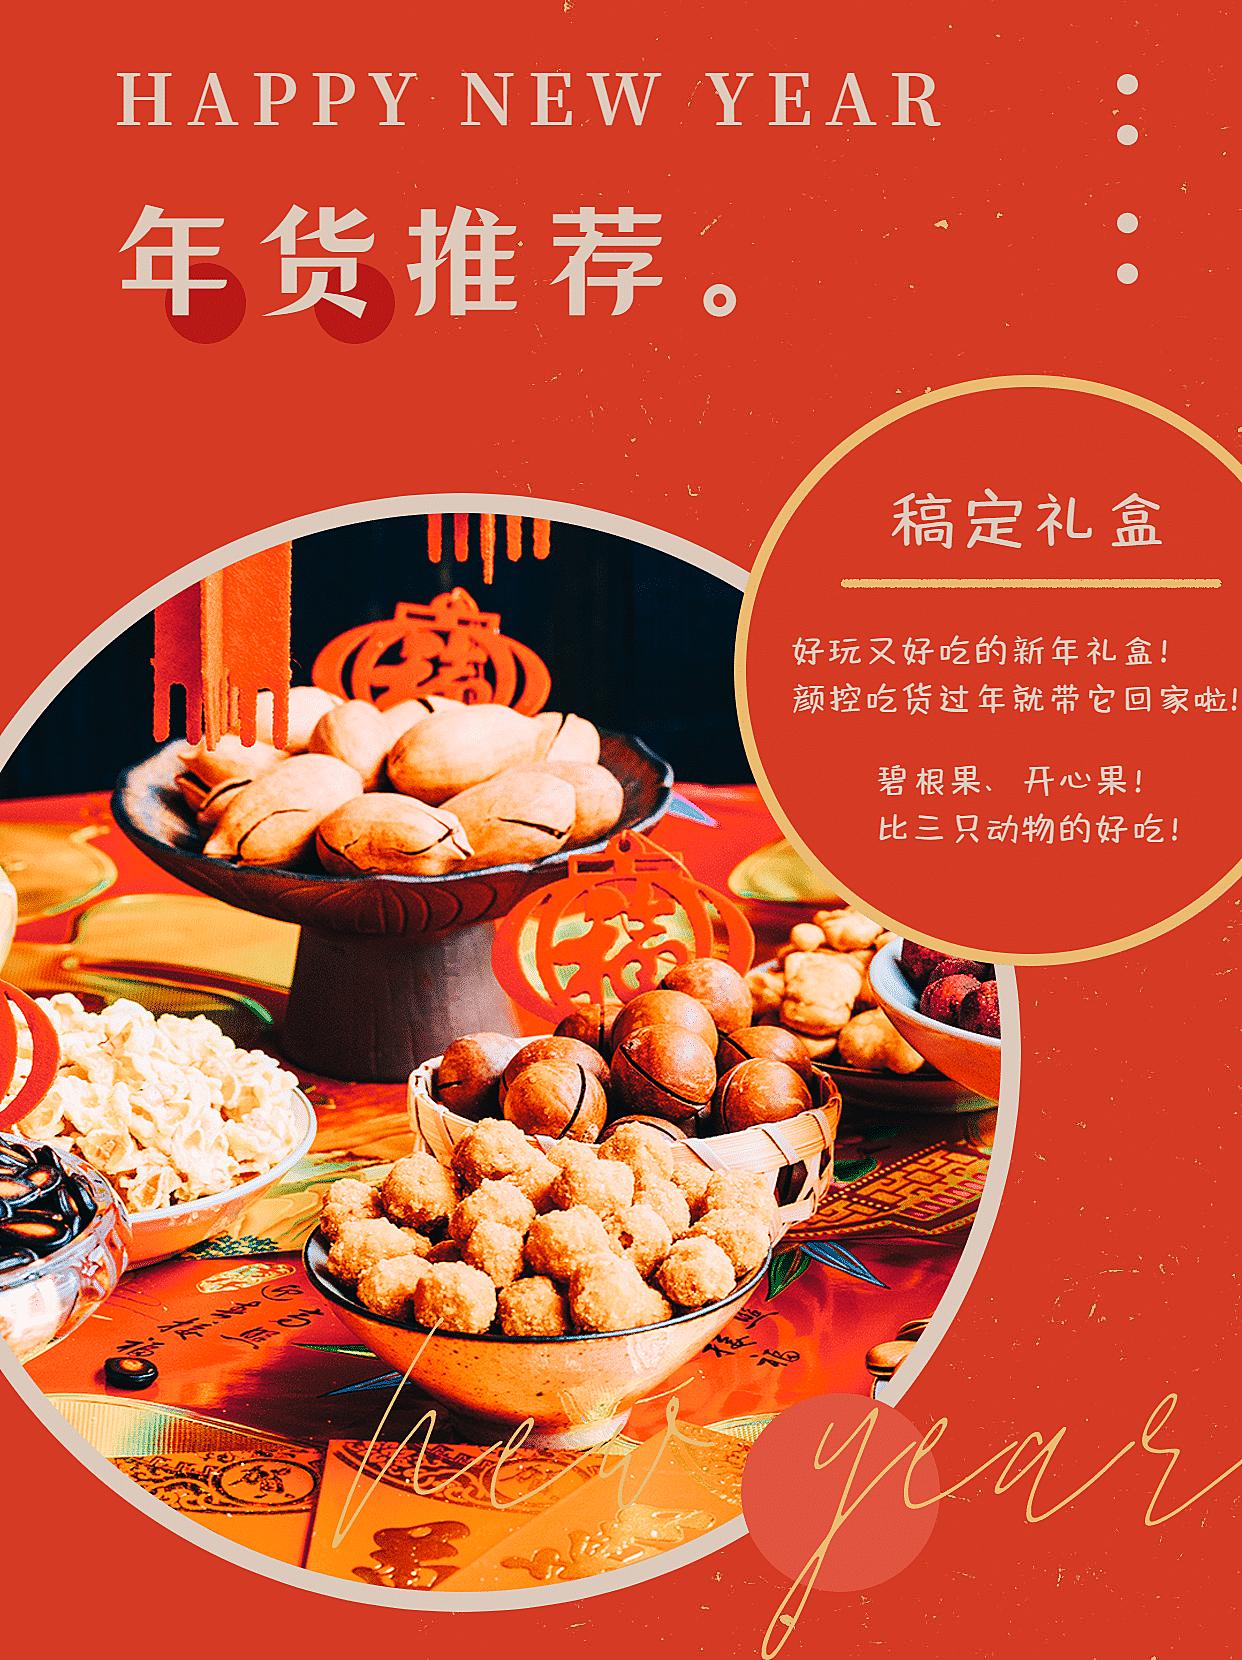 新年春节攻略分享小红书封面配图